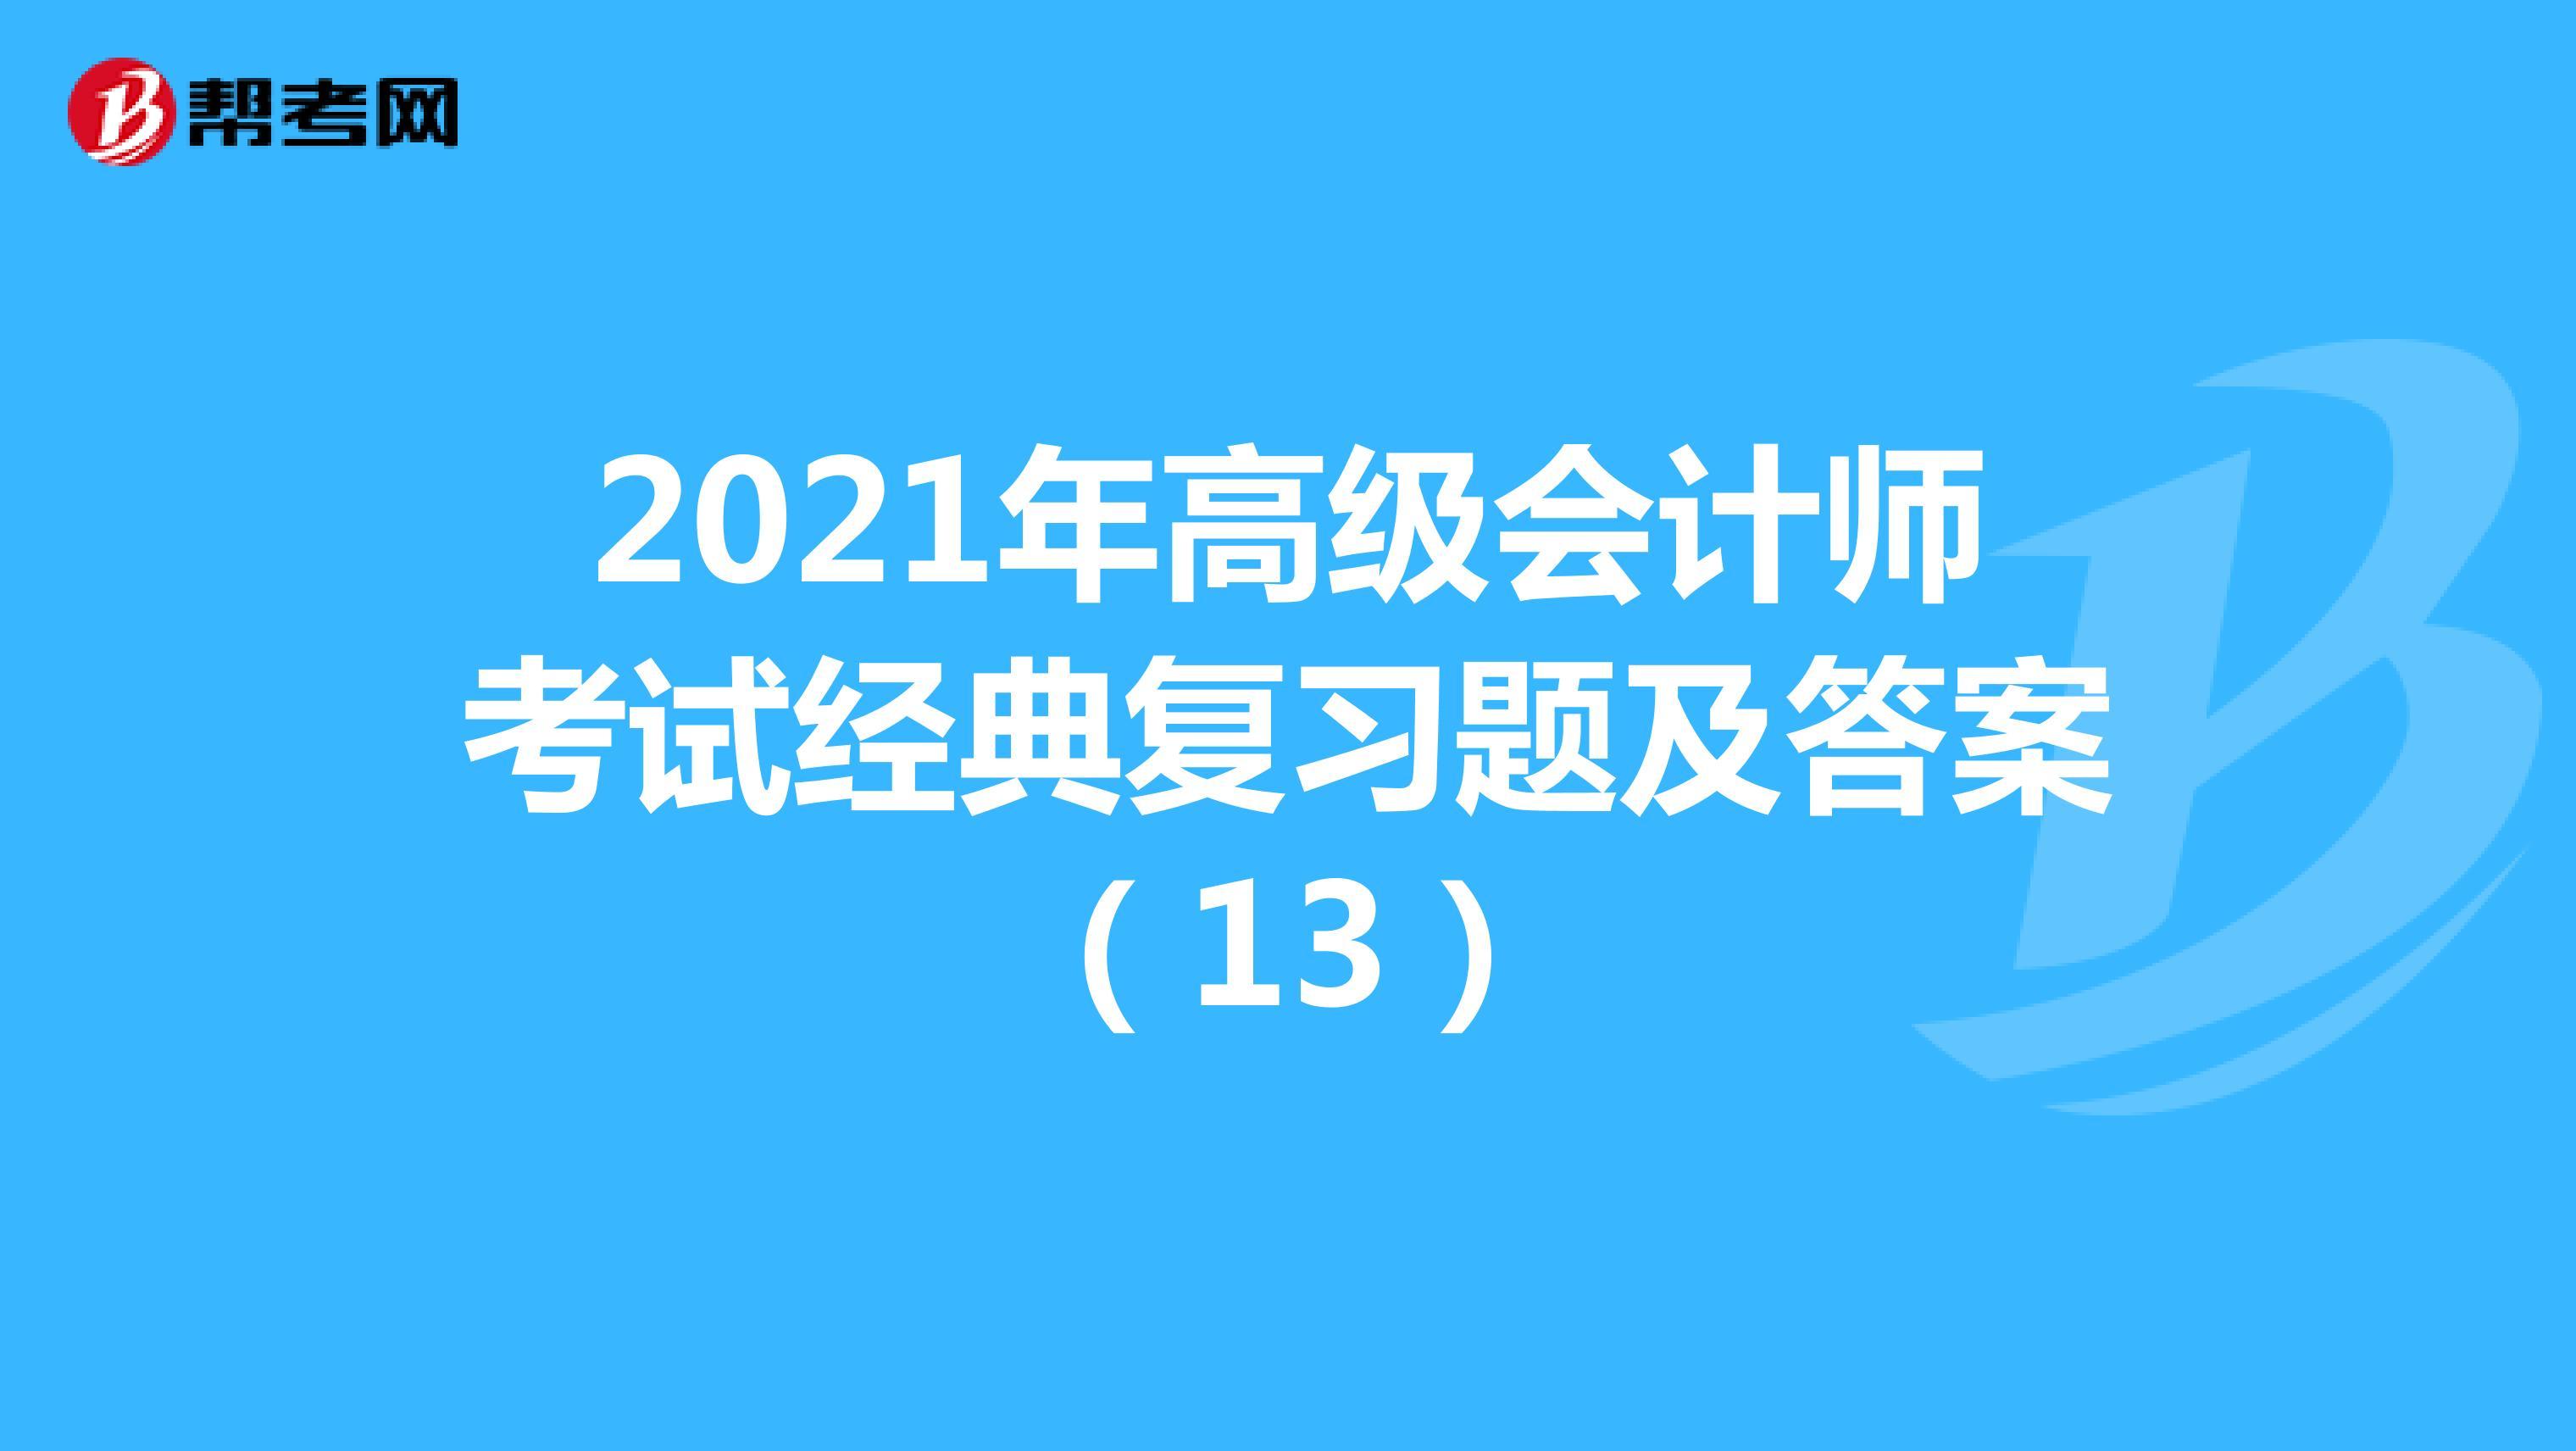 2021年高级会计师考试经典复习题及答案(13)